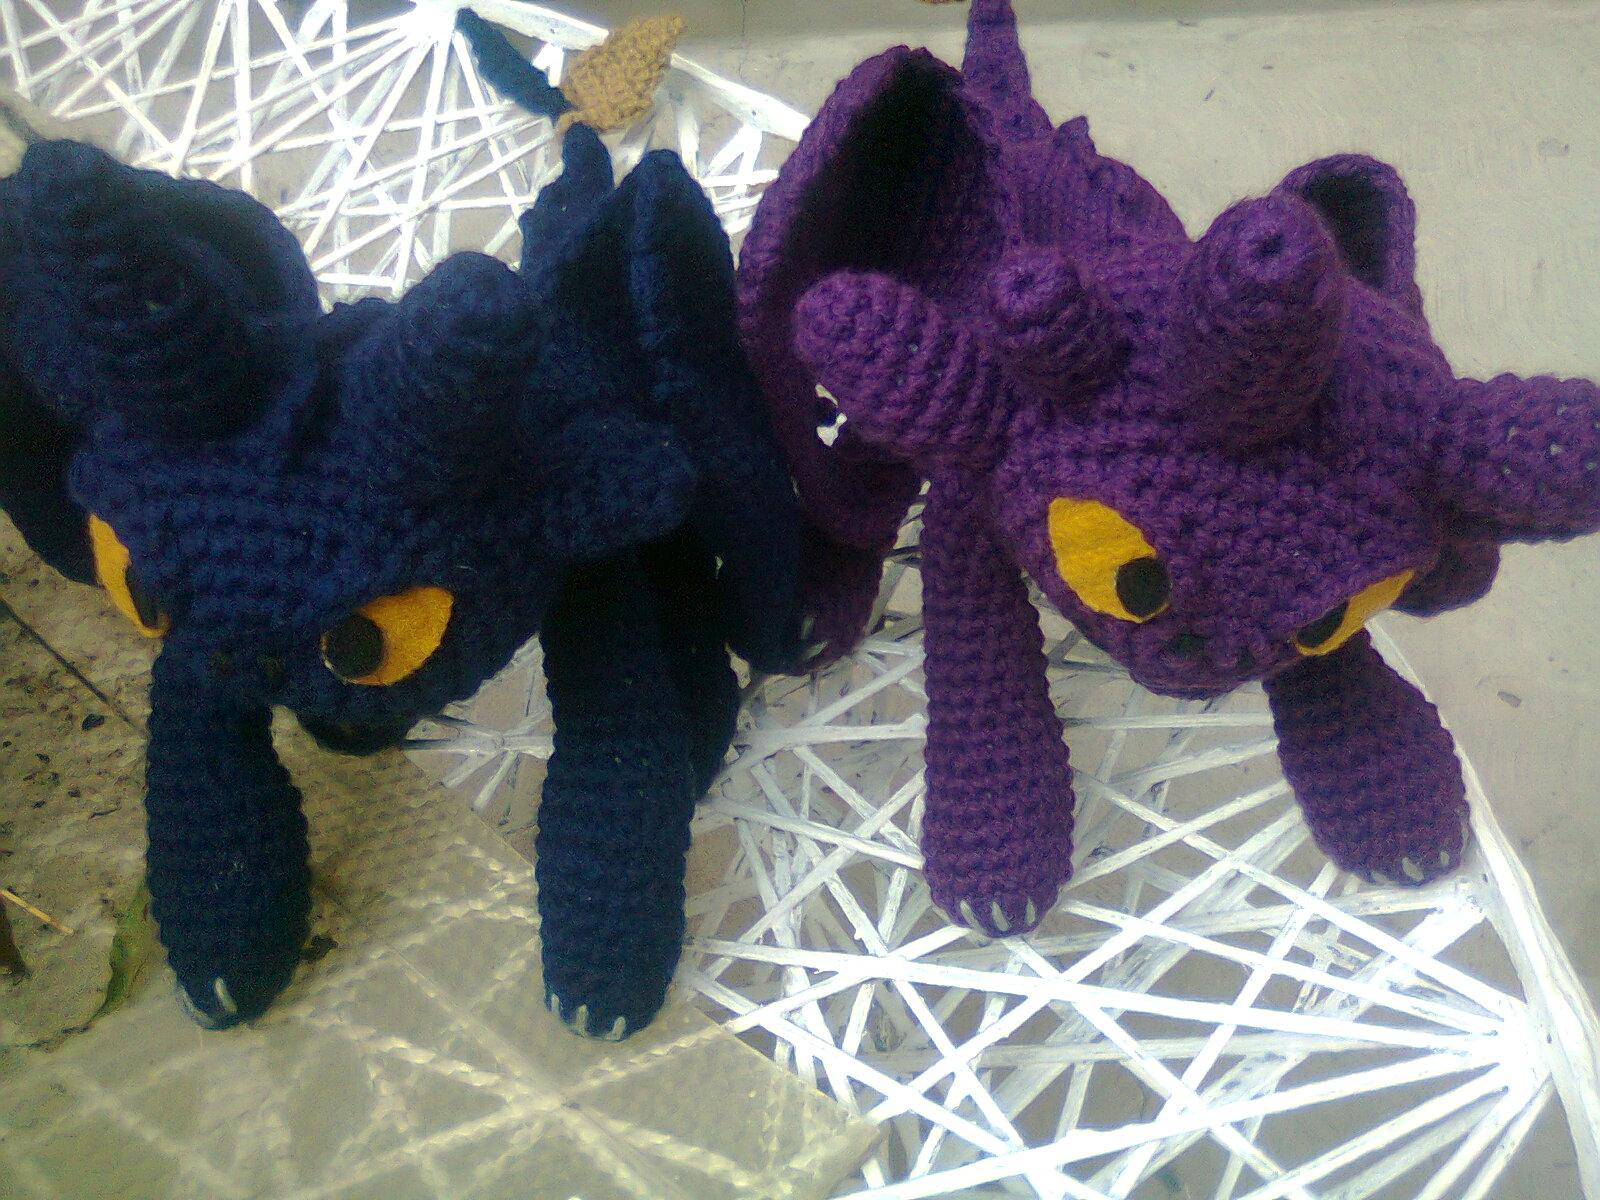 Chimuelo Amigurumi Patrones : Amigurumi dragon chimuelo kalulu for